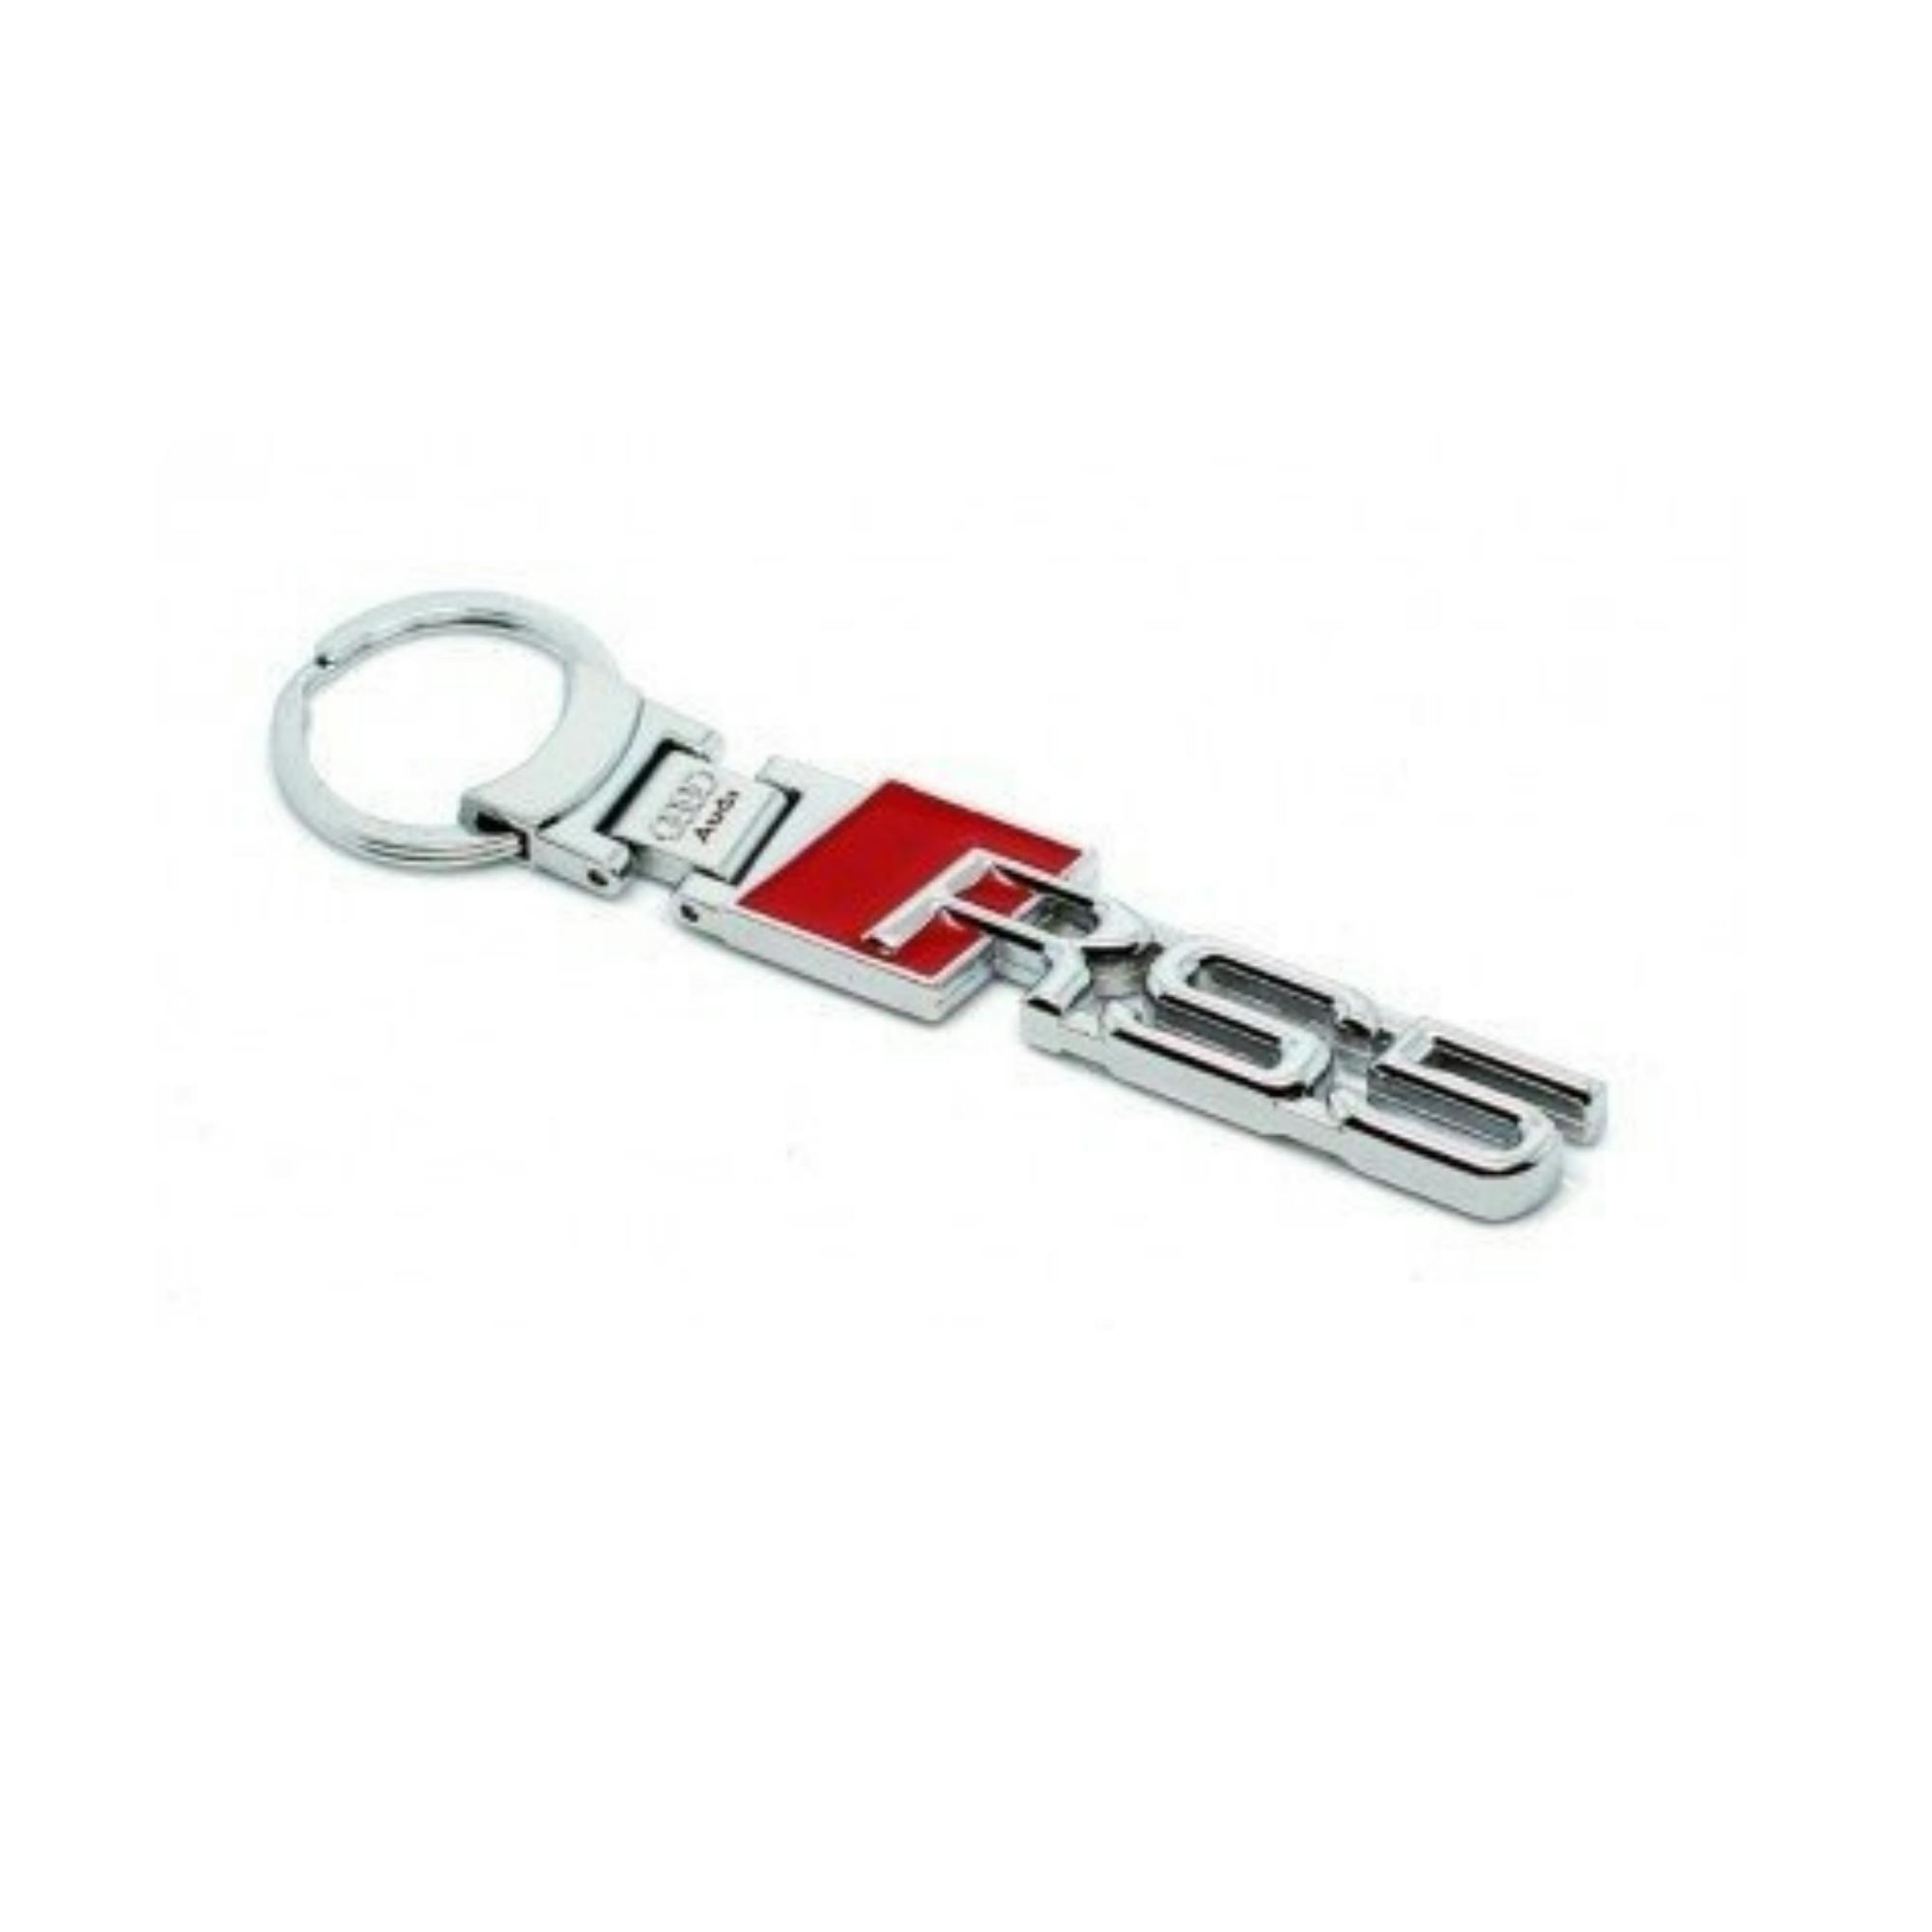 Audi RS Keyring Kool KeyringsKool Keyrings - Audi keychain